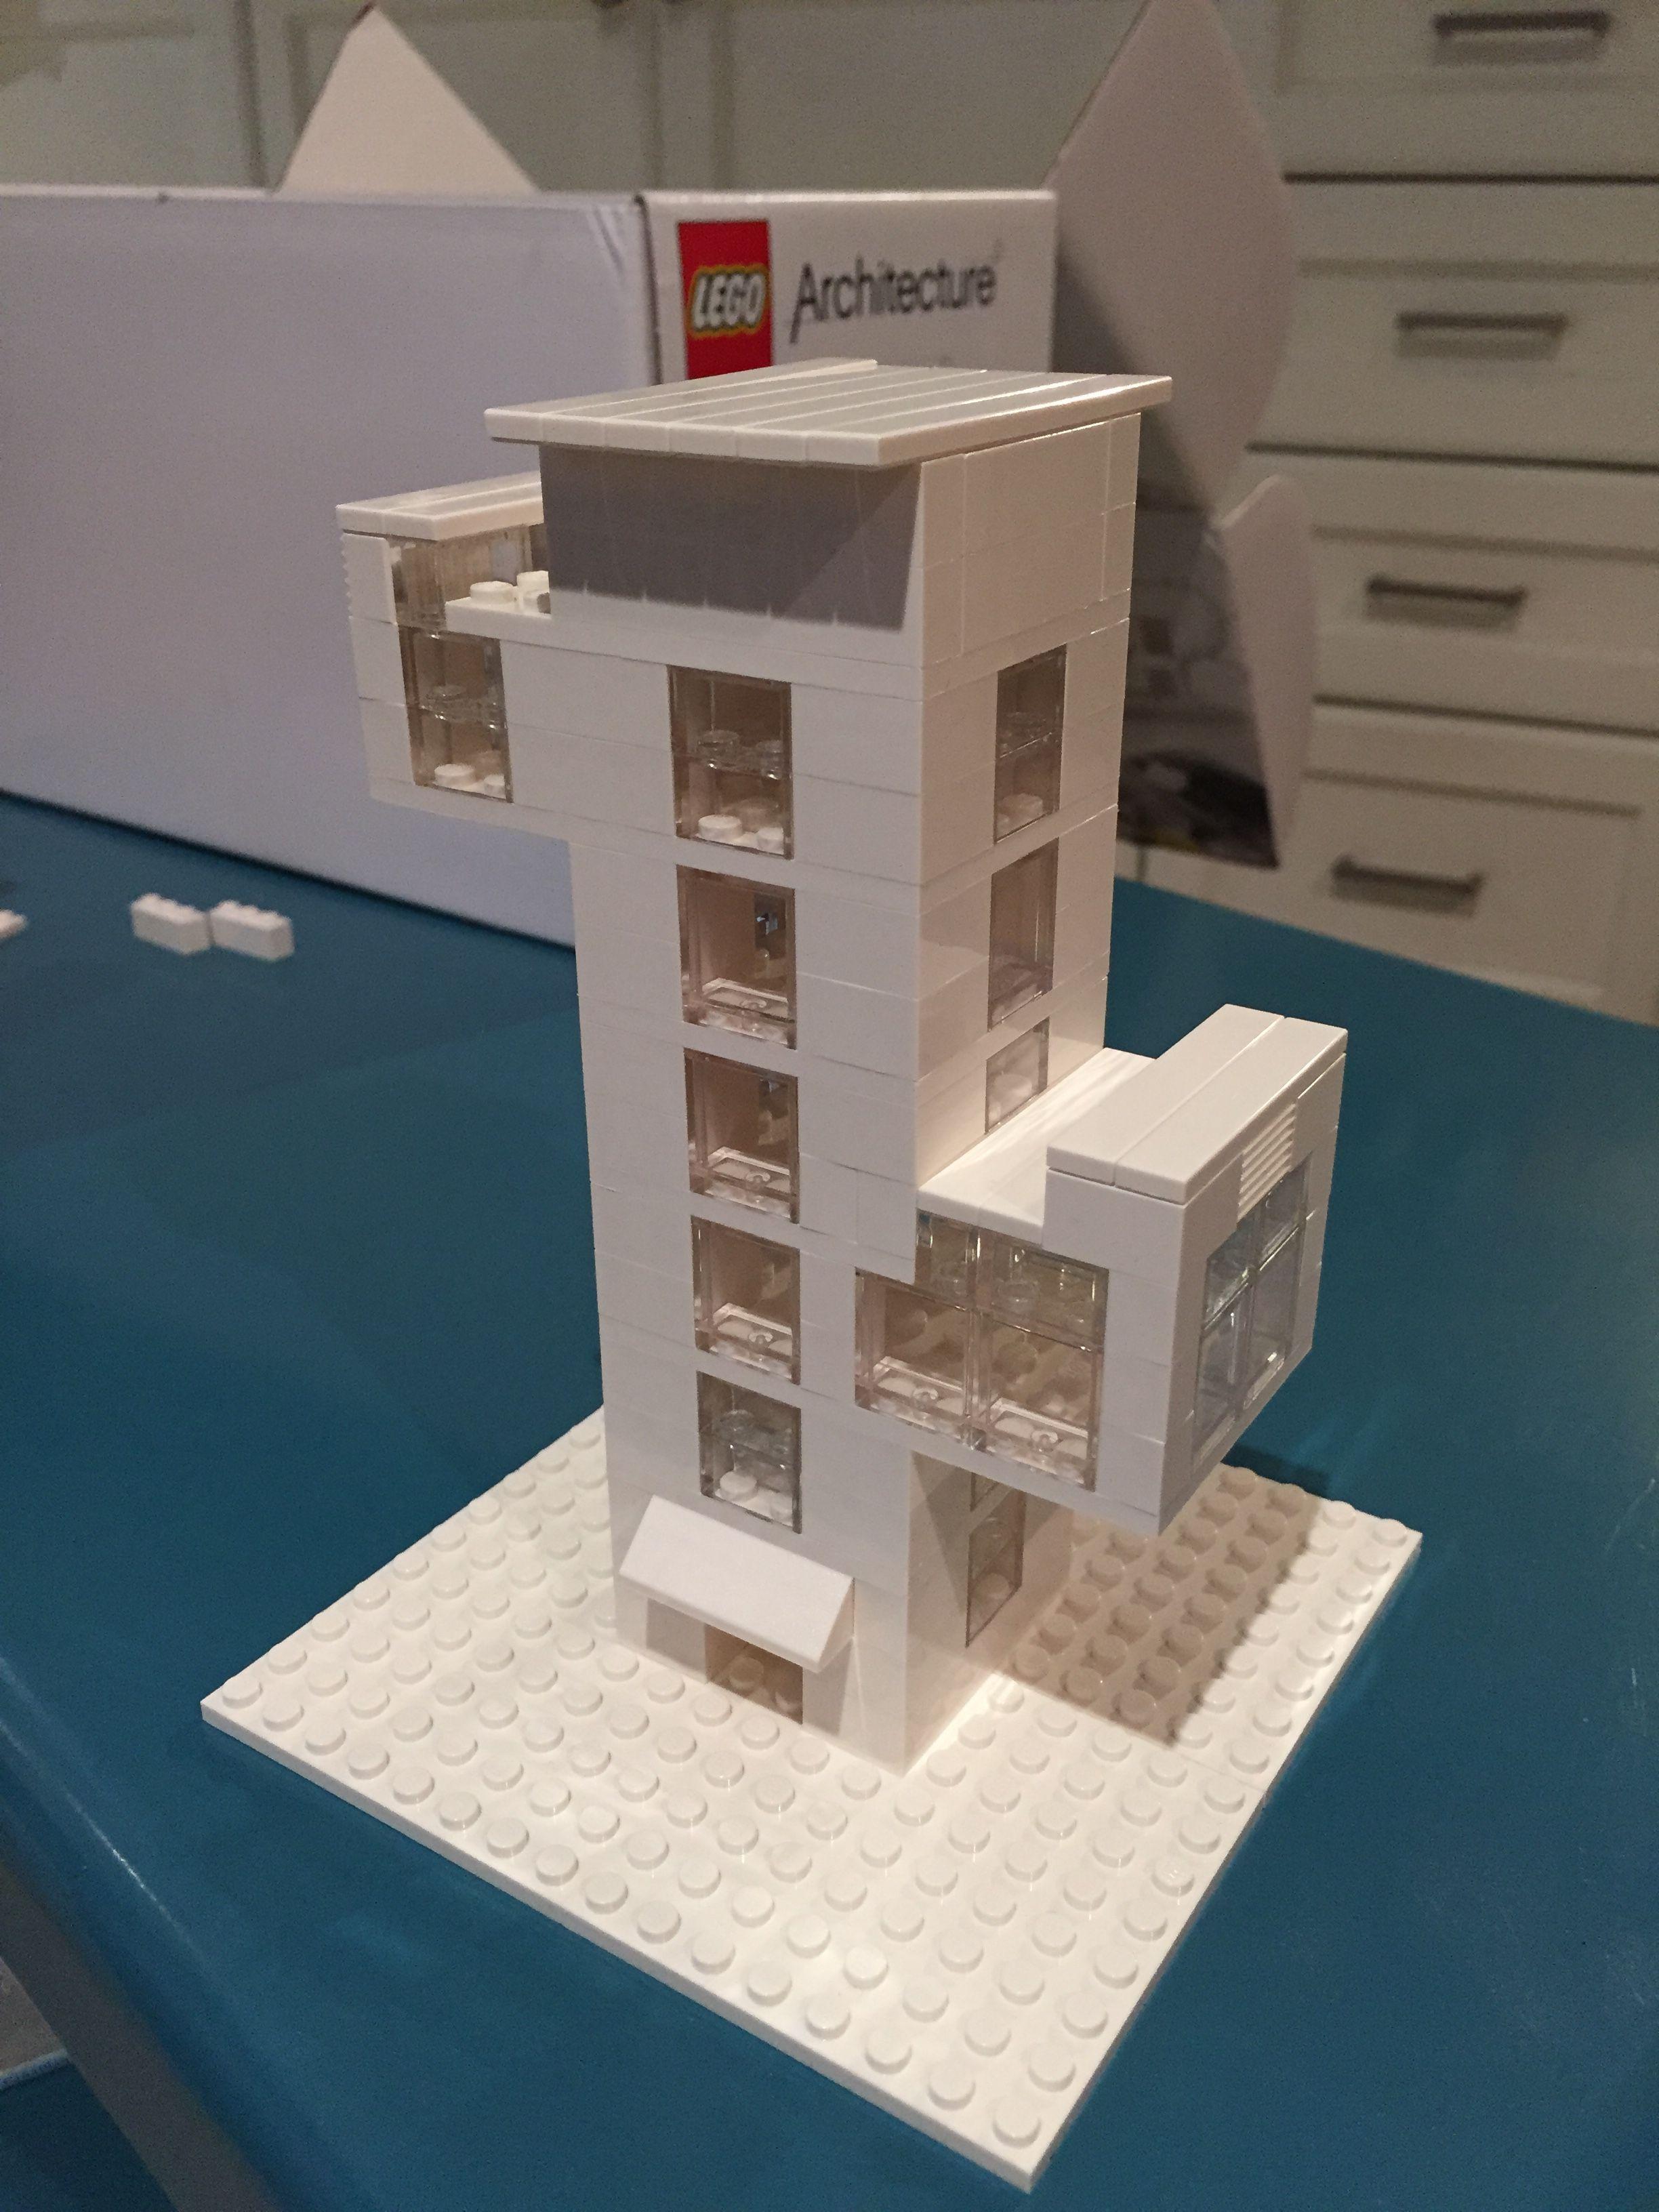 Lego architecture Studio Cactus inspired apartment